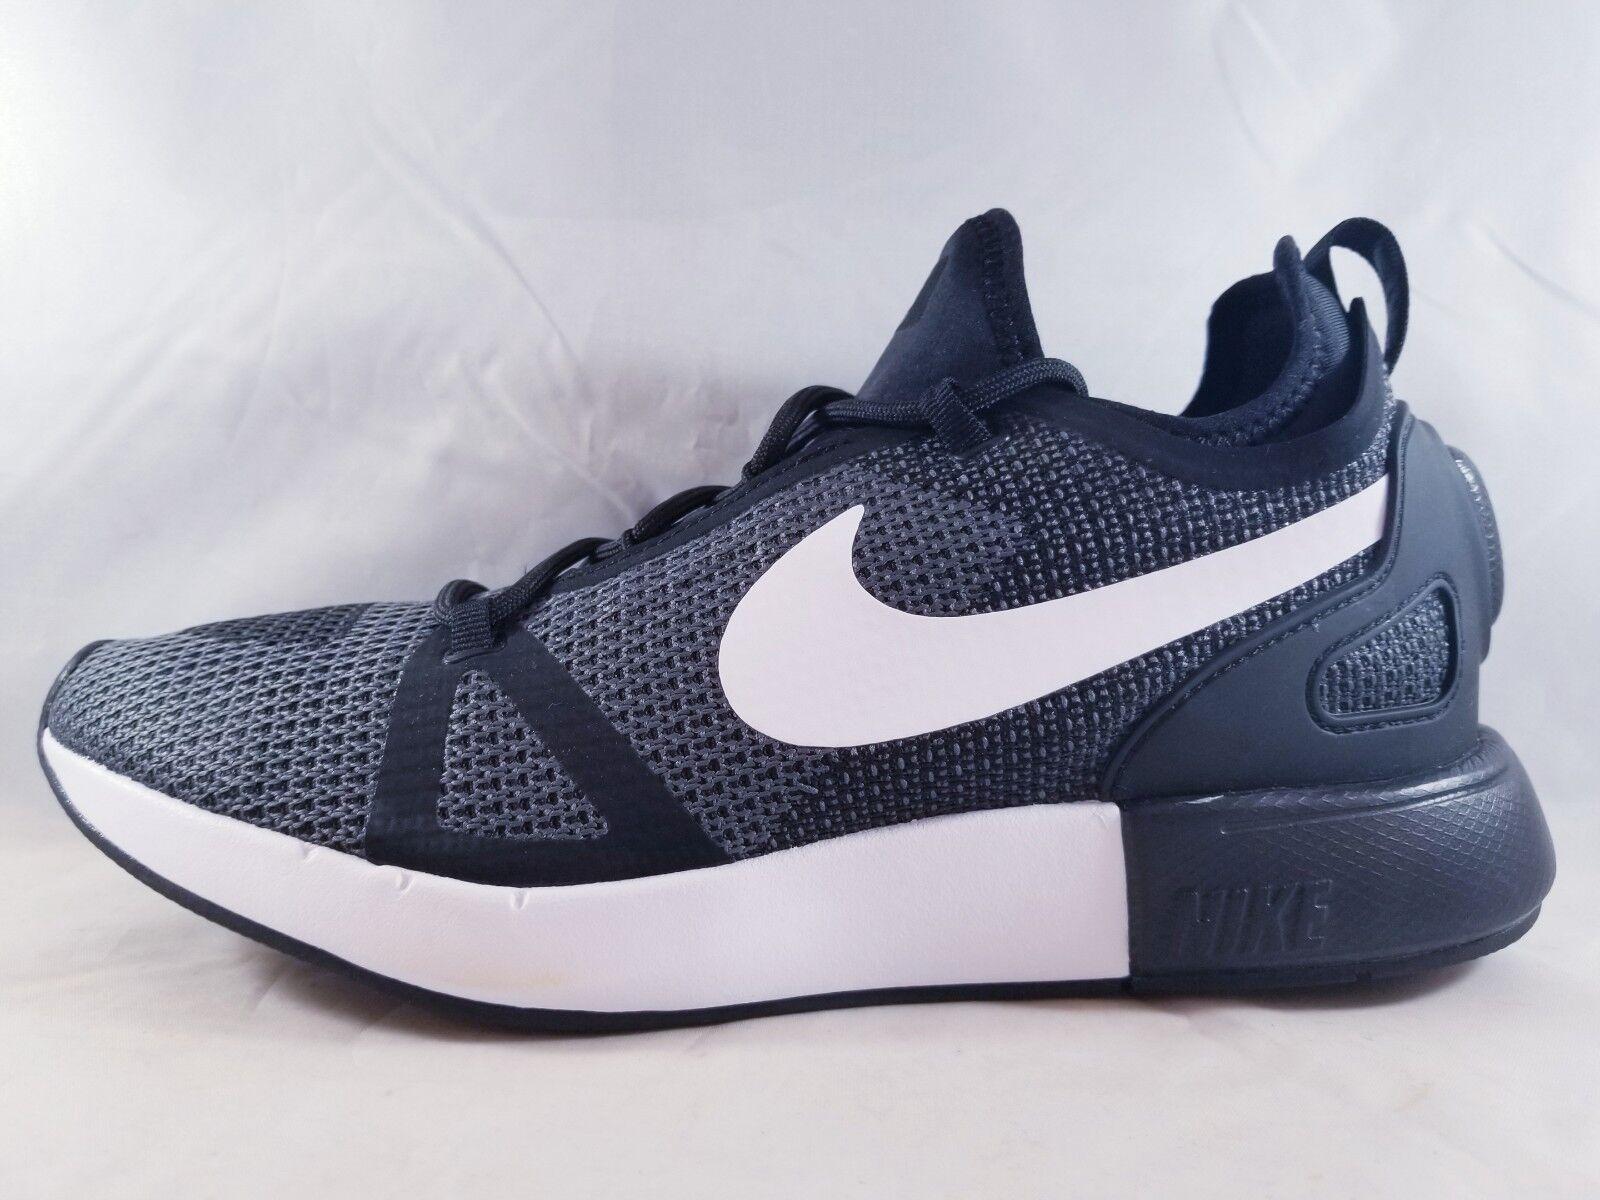 Nike doppia corsa racer uomini scarpe da corsa doppia 918228 010 dimensioni 11,5 4a3856